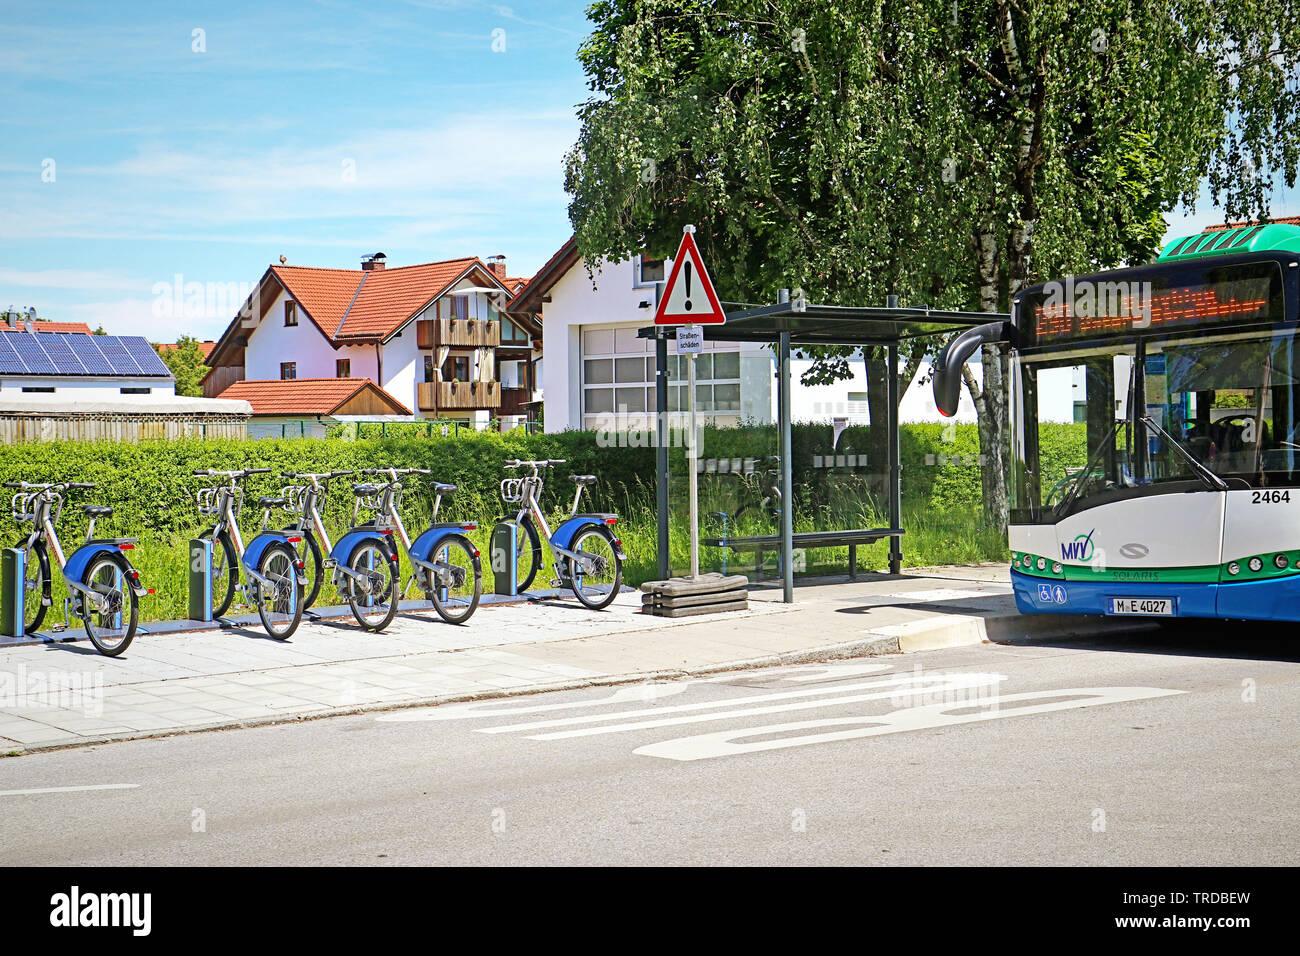 GARCHING, Deutschland - elektrische Fahrräder bereit, günstig zu mieten, aufgereiht auf dem Bürgersteig in der Nähe der Bushaltestelle. Stockfoto